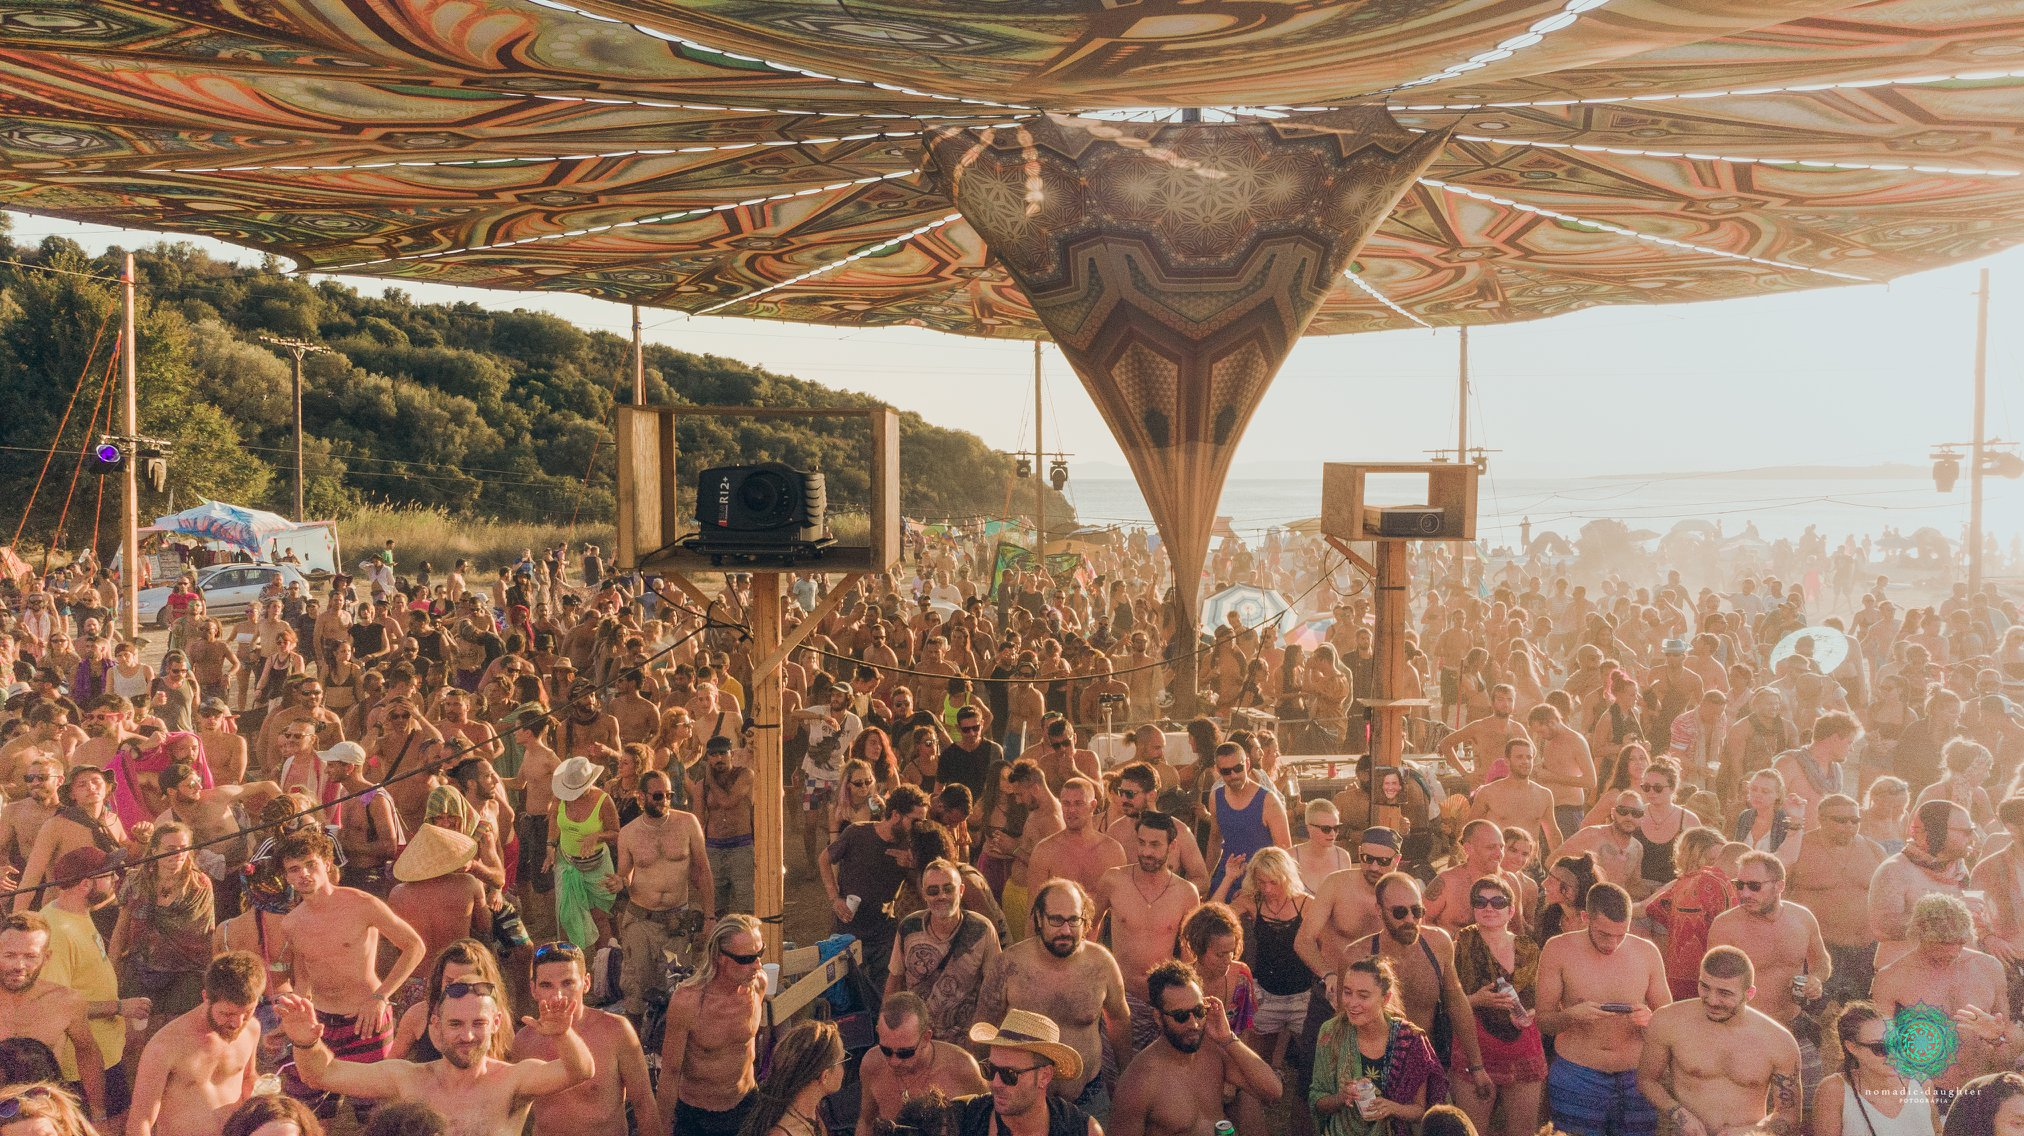 רחבה אנשים פסטיבל free earth festival ריקוד